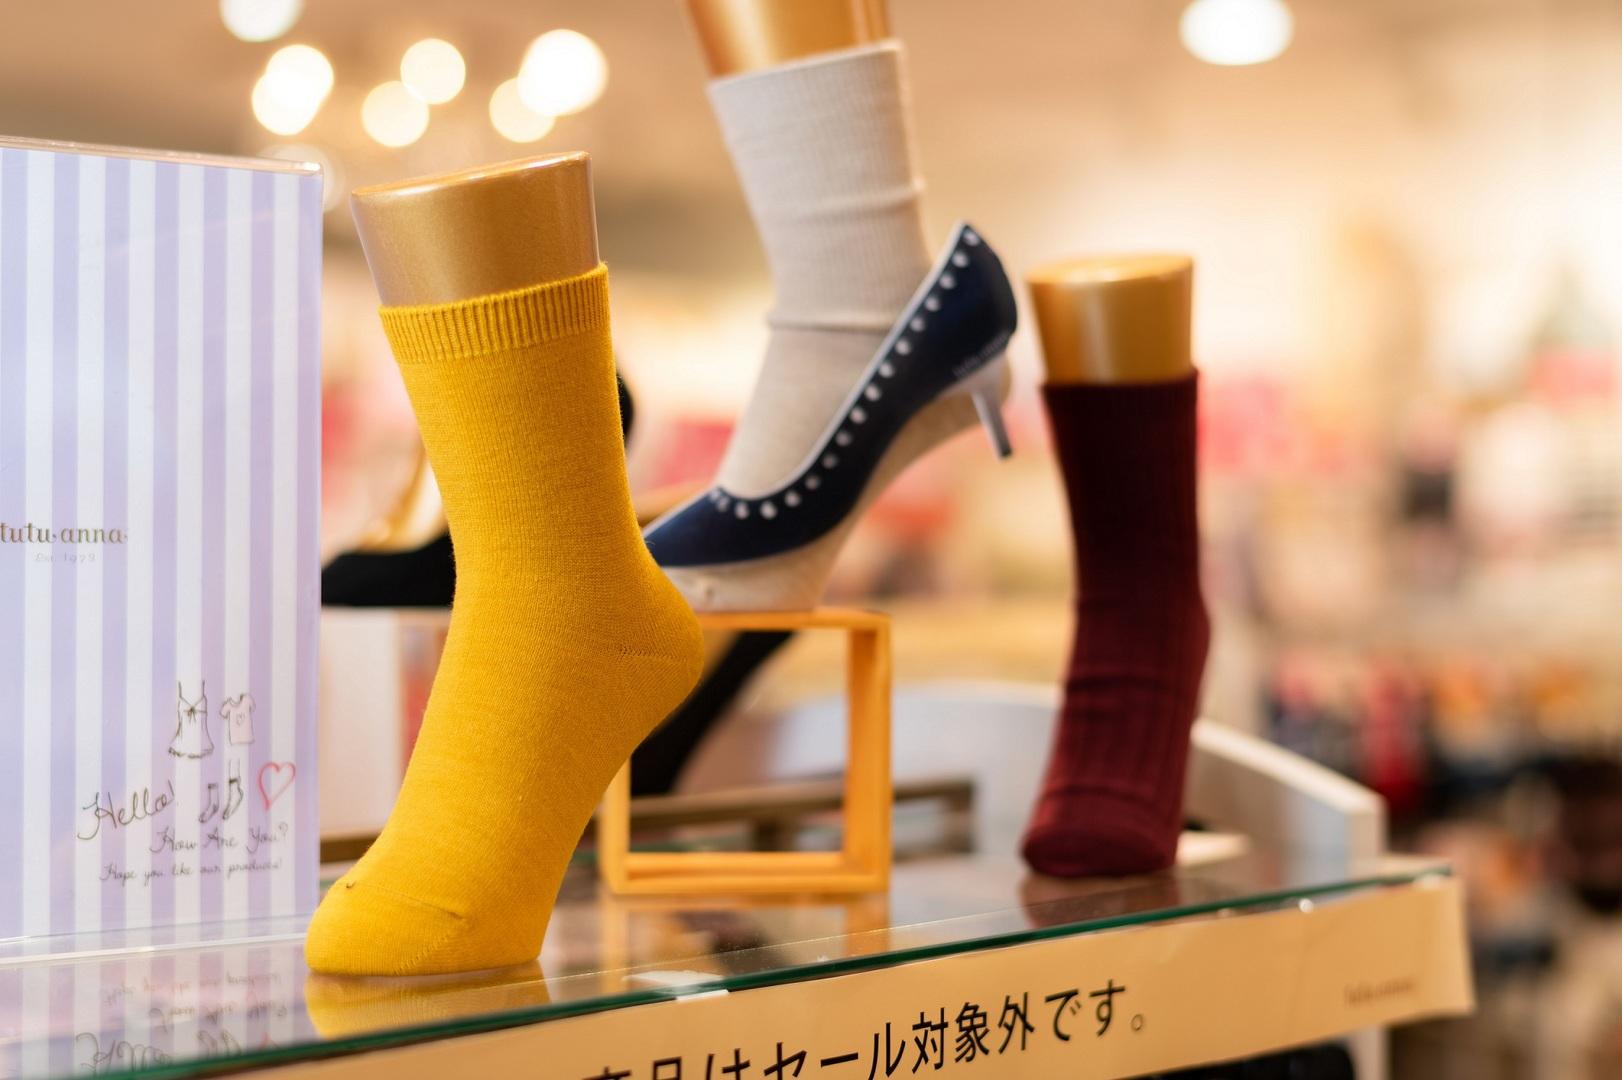 【チュチュアンナ】ワークライフバランス抜群の職場でVMDをお任せ!|大阪のカバー写真